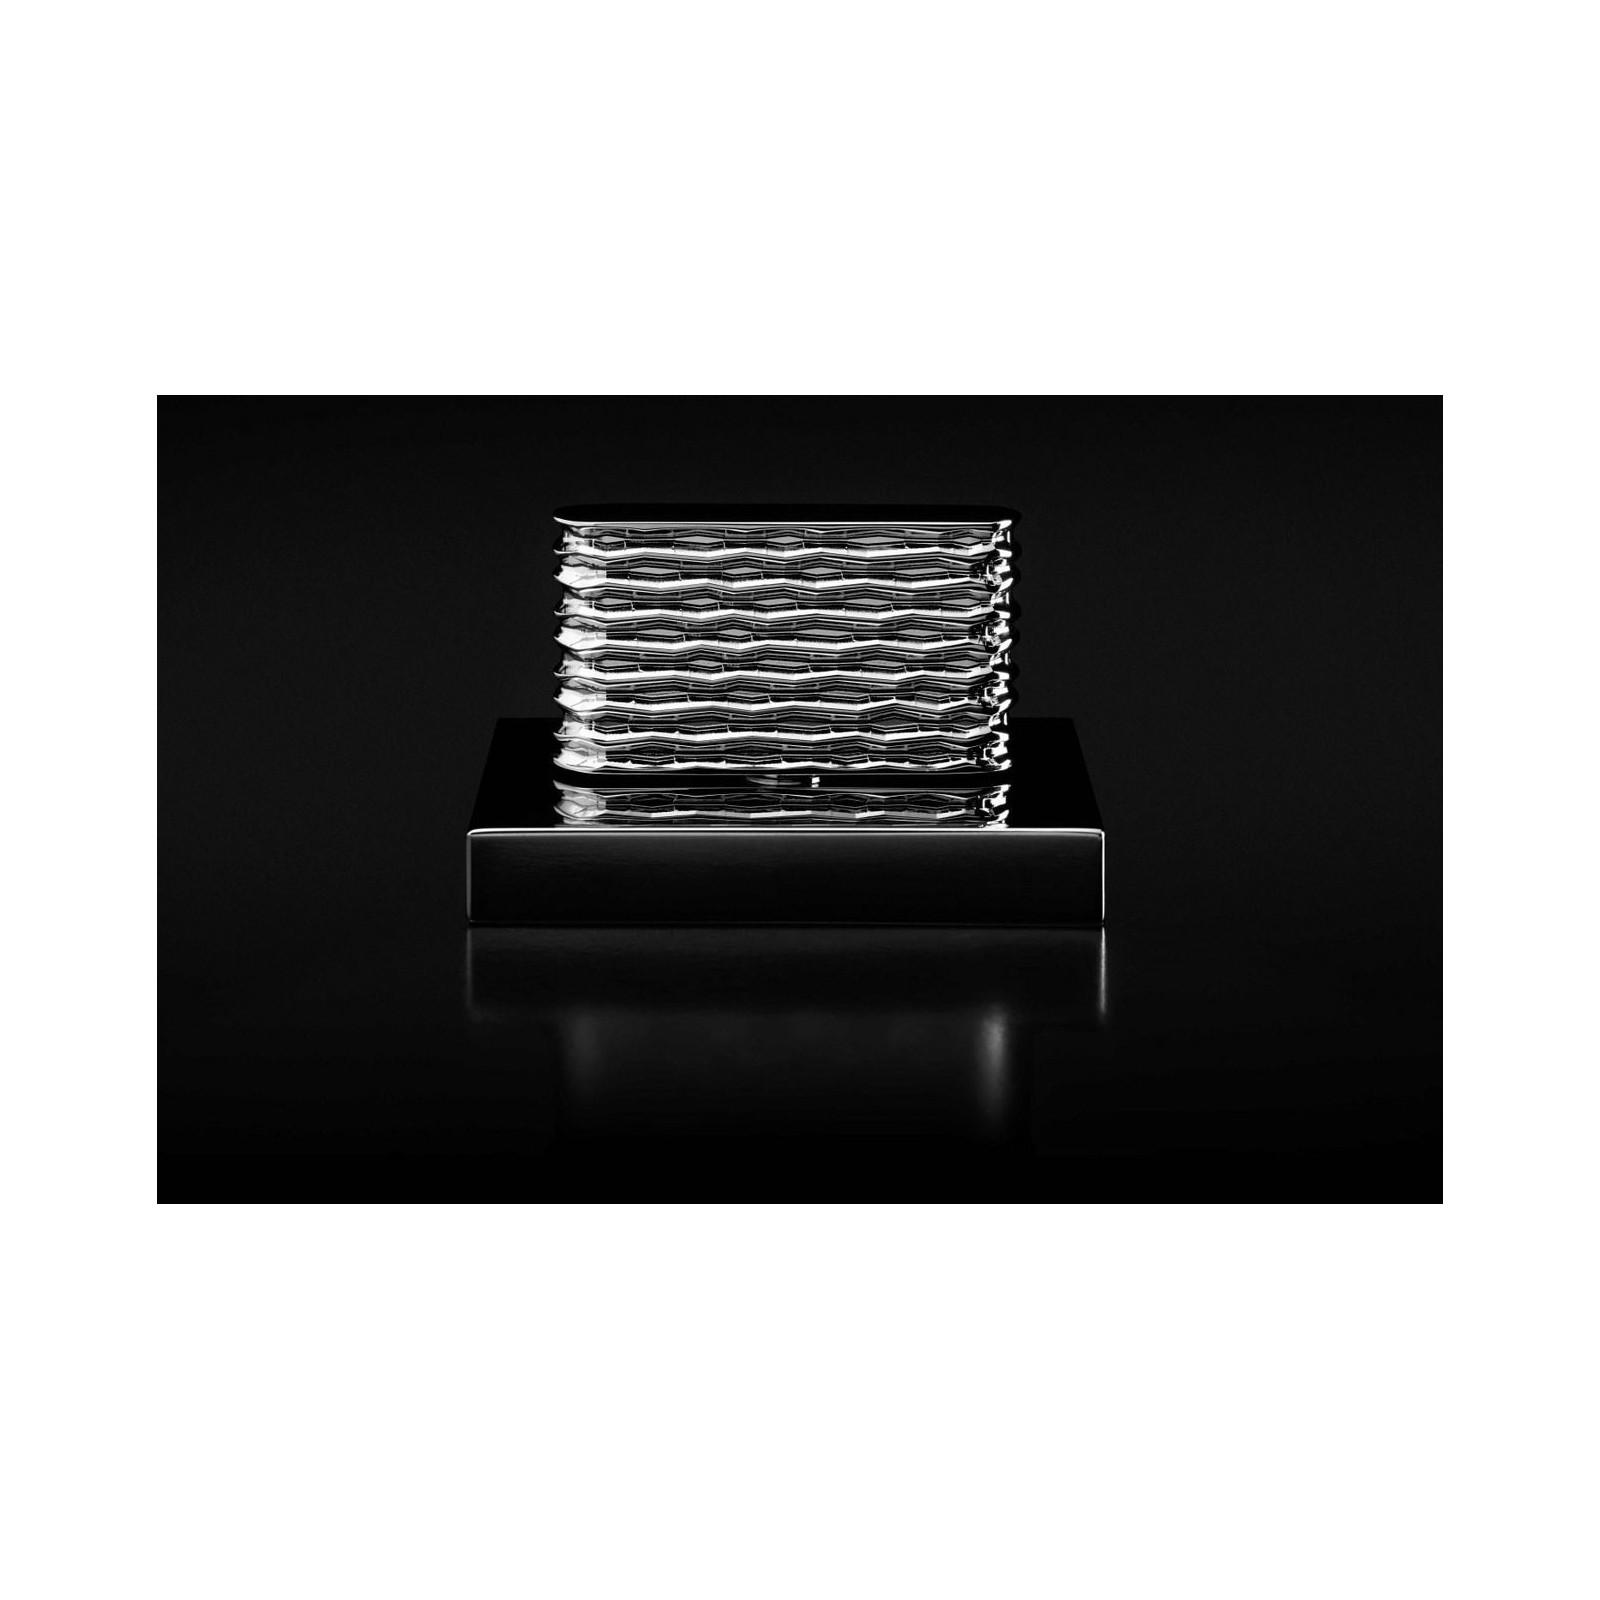 CL.1 rubinetterie per il bagno by Dornbracht - ConteCom